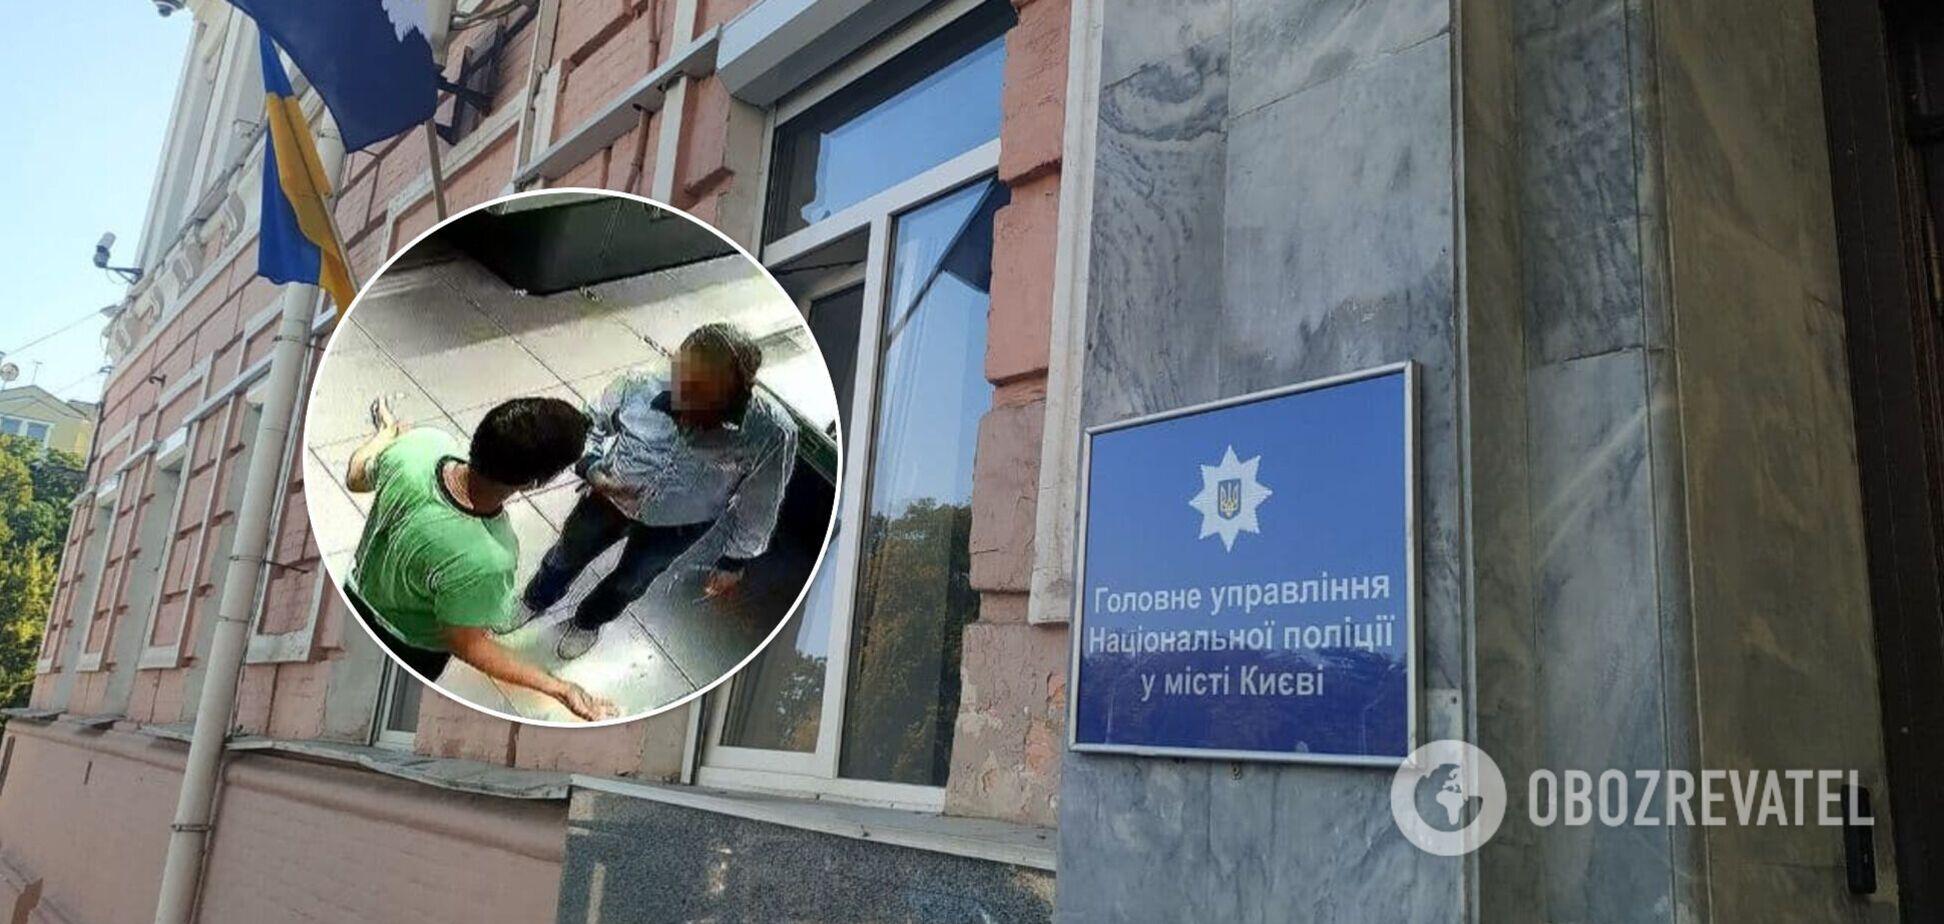 Киевлянину грозит до 8 лет лишения свободы